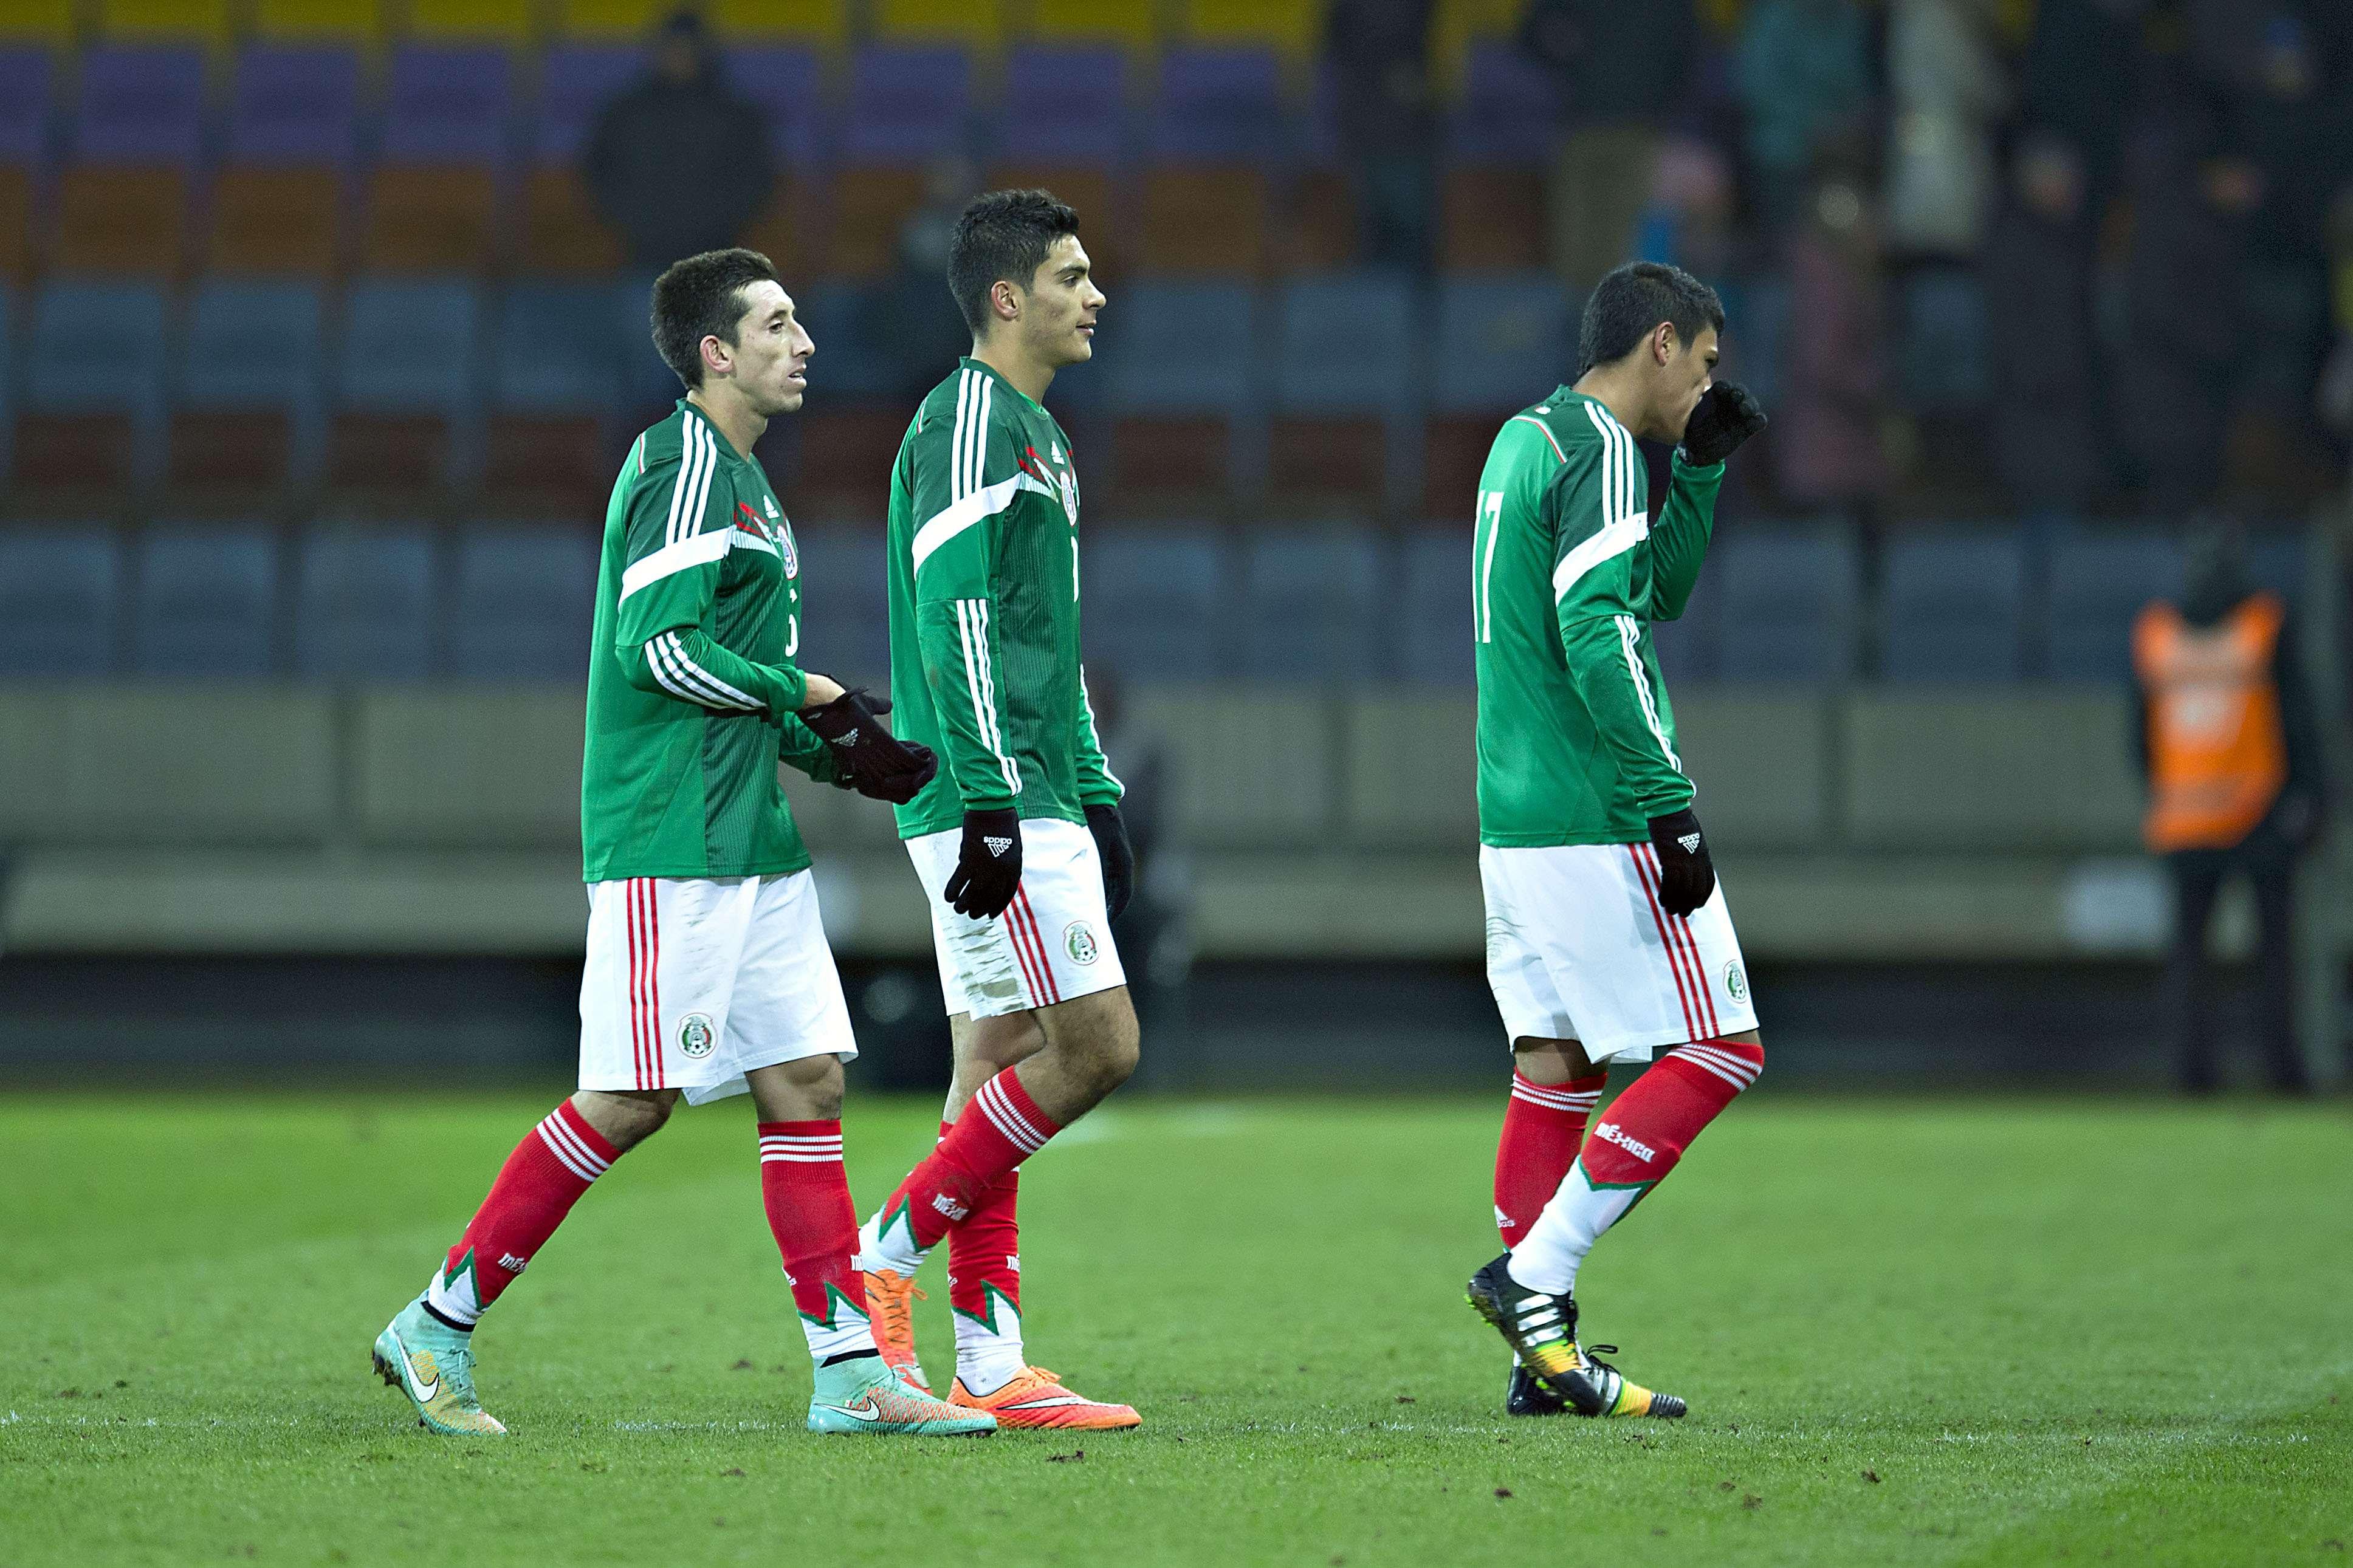 México venció a Holanda y luego perdió ante Bielorrusia en la Fecha FIFA de noviembre. Foto: Imago7